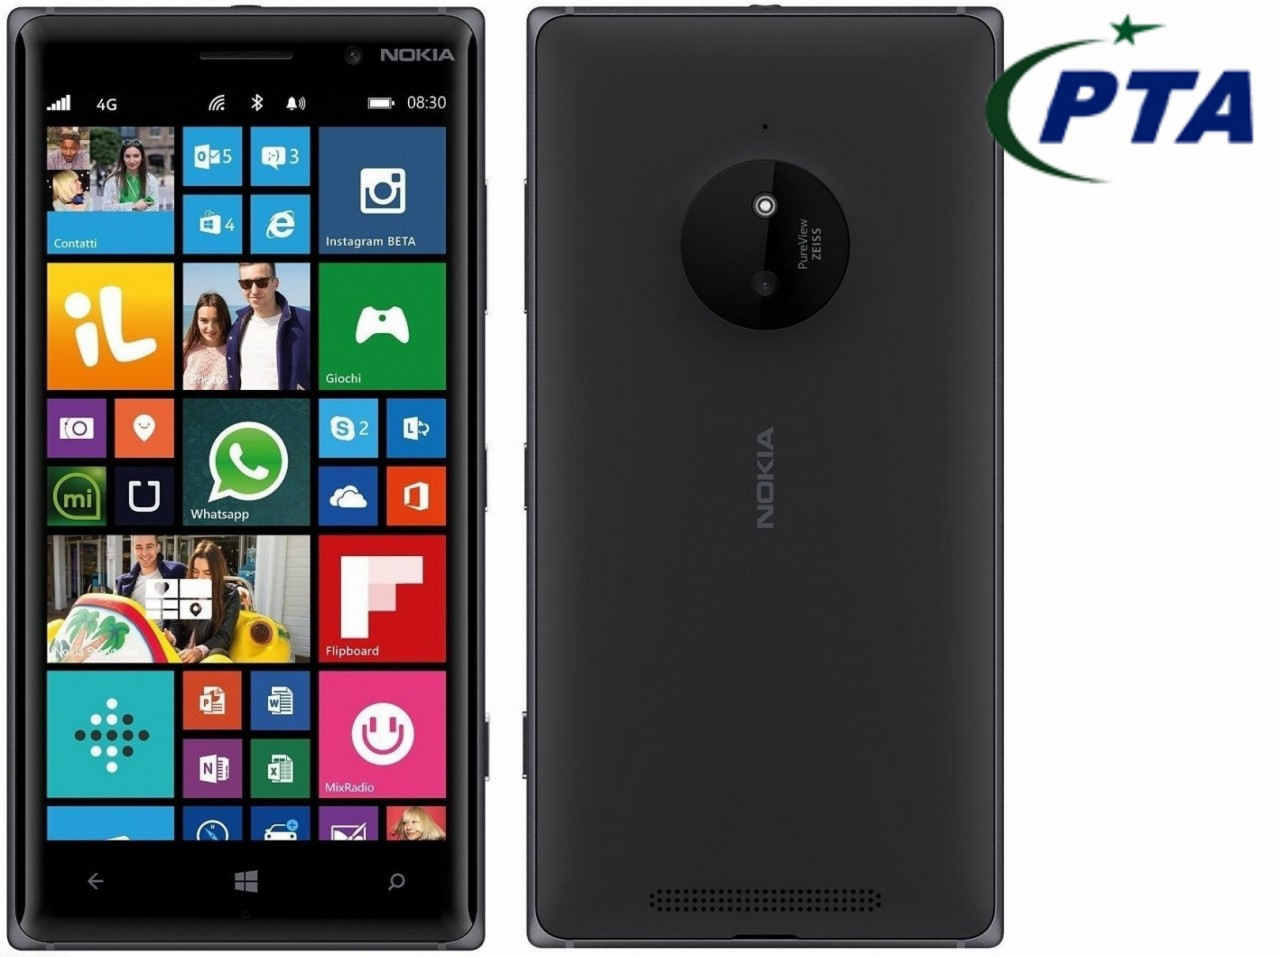 Nokia Lumia 830 Price in Pakistan (4G, 16GB, Black)